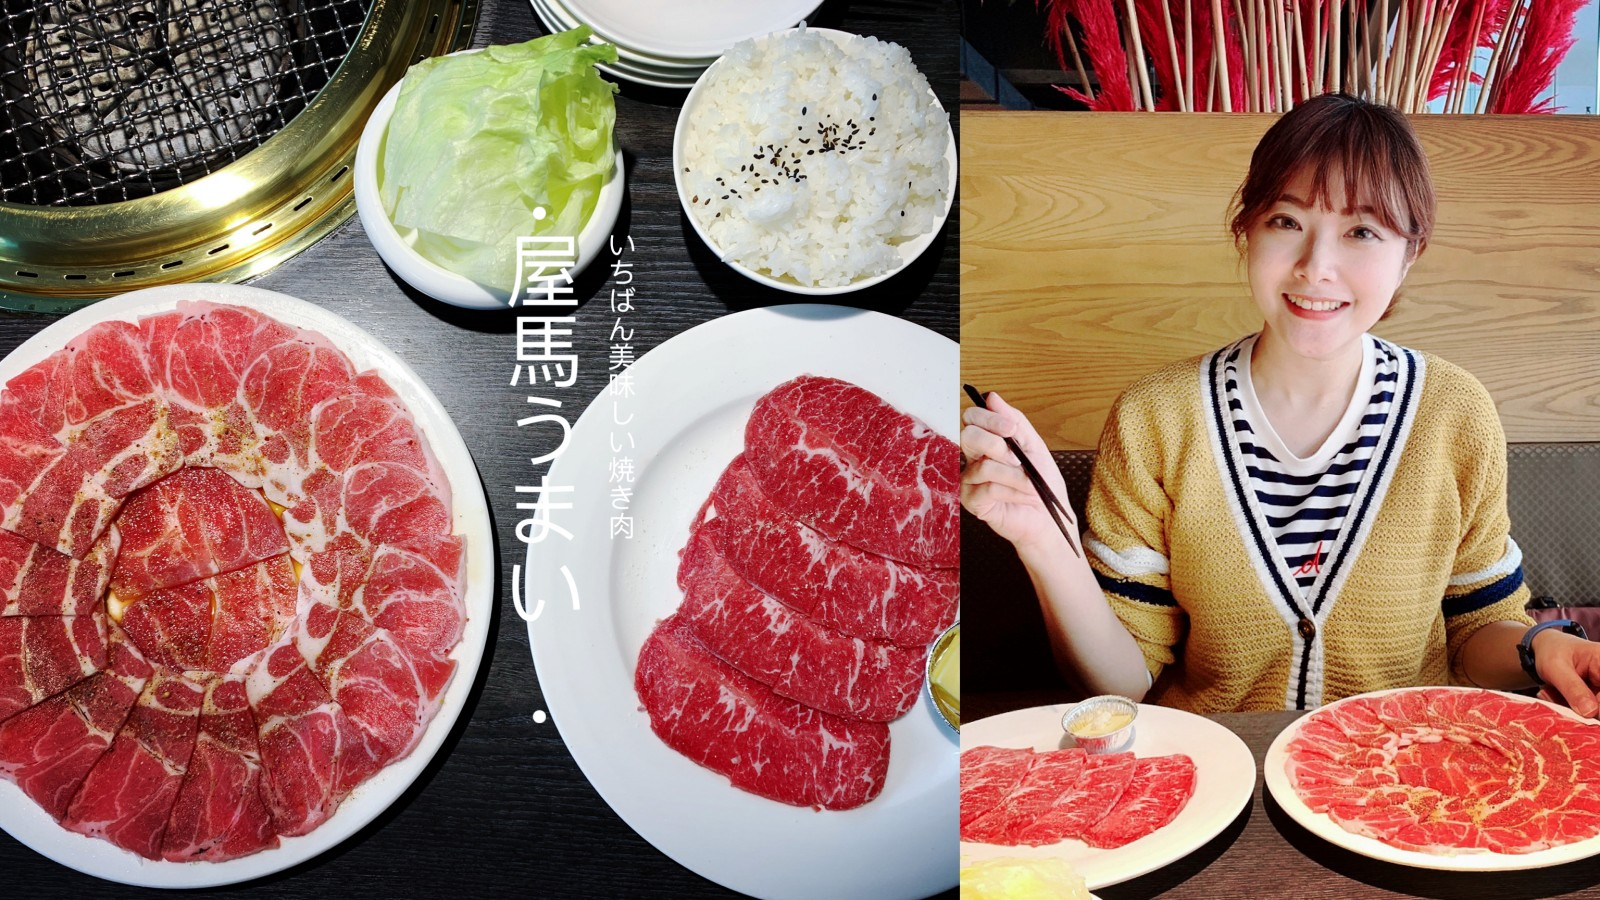 ☆【2020。台中美食】屋馬燒肉食記更新中!菜單、訂位專線、現場候位 @凱的日本食尚日記